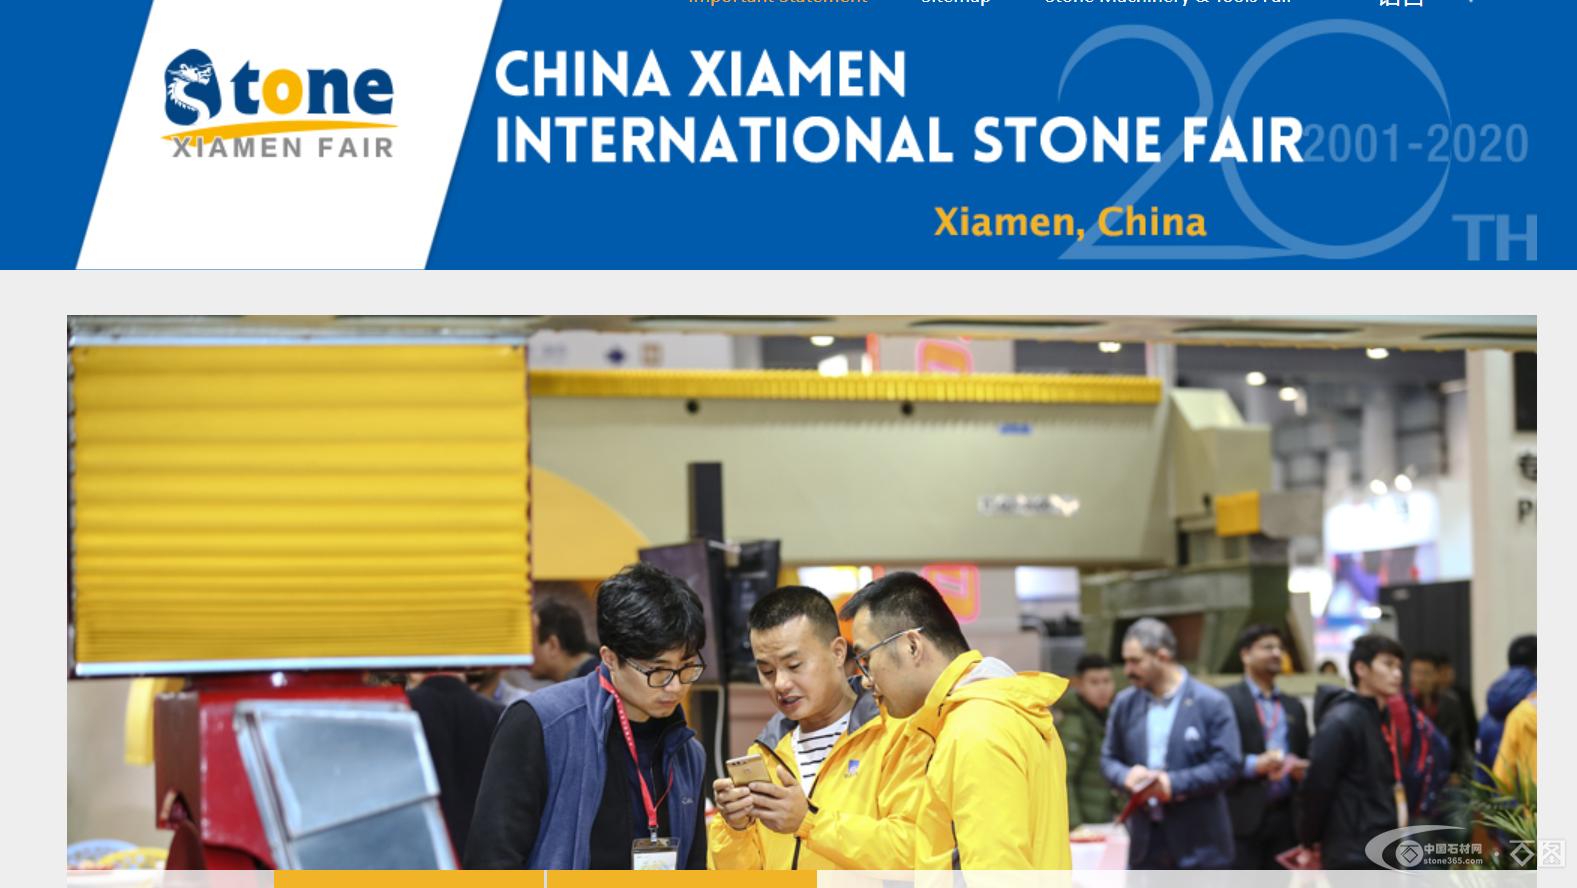 重要通知:2020年廈門國際石材展將延期至6月6--9日舉辦!